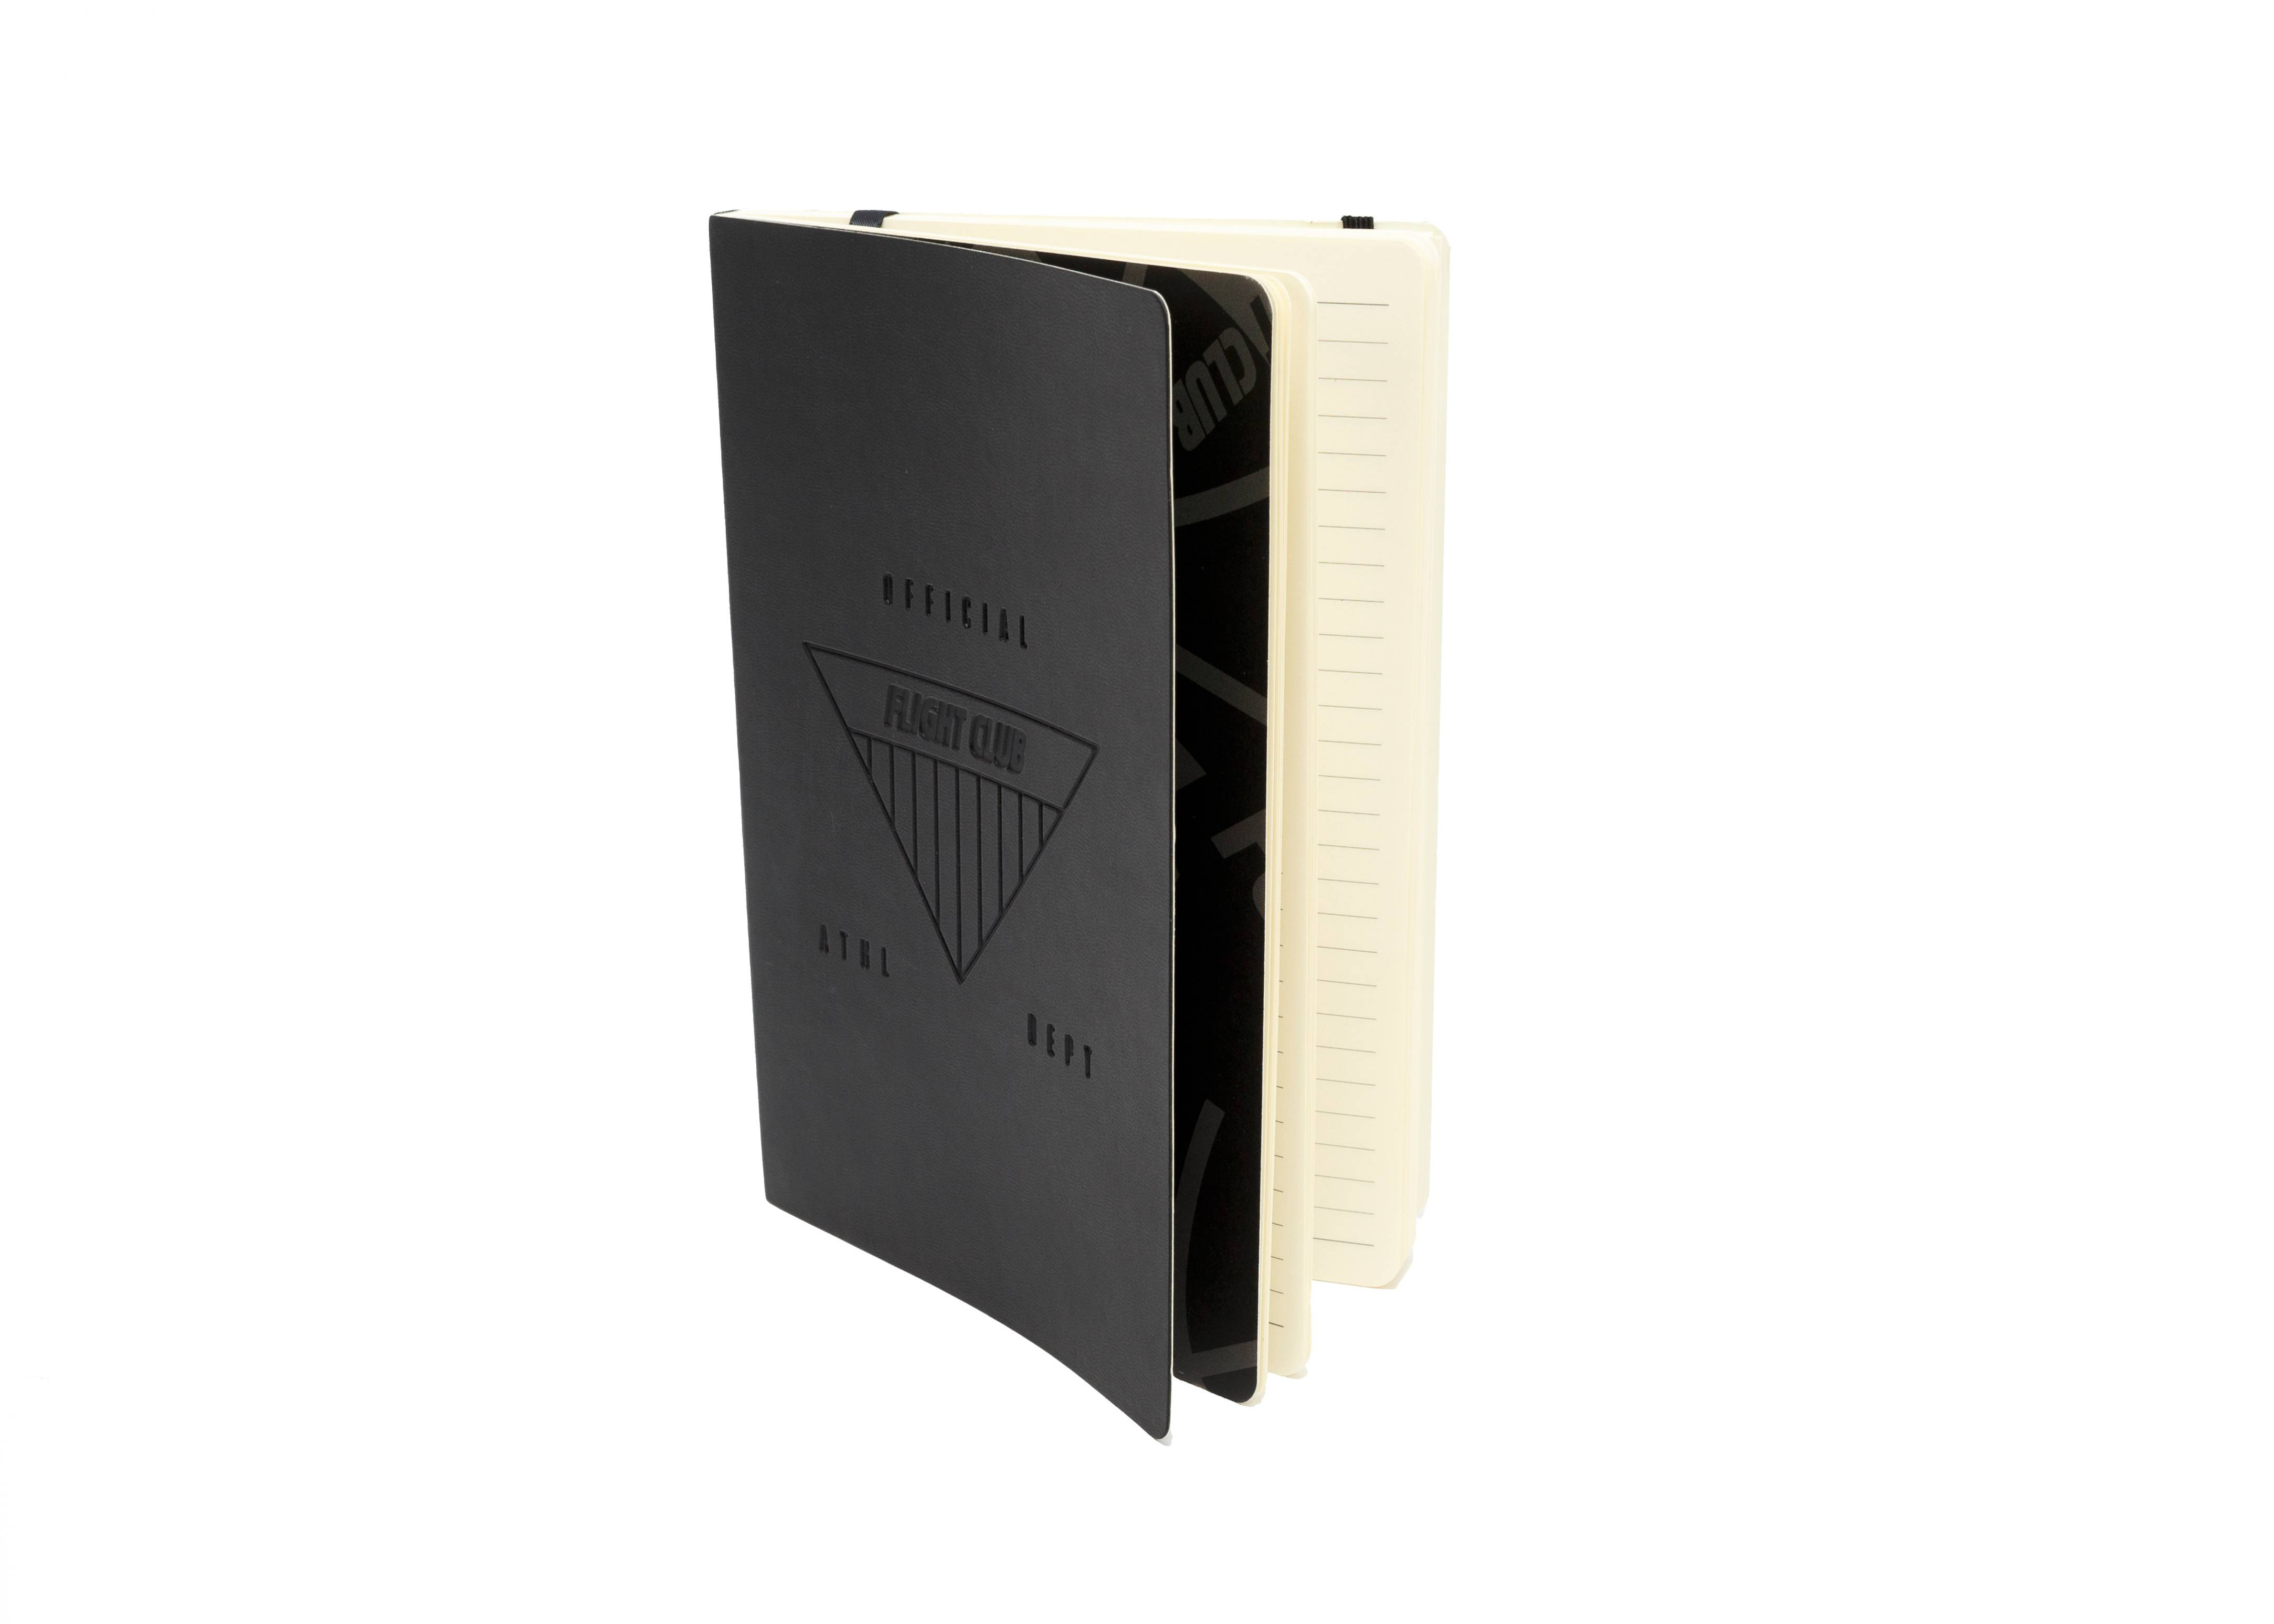 tri notebook